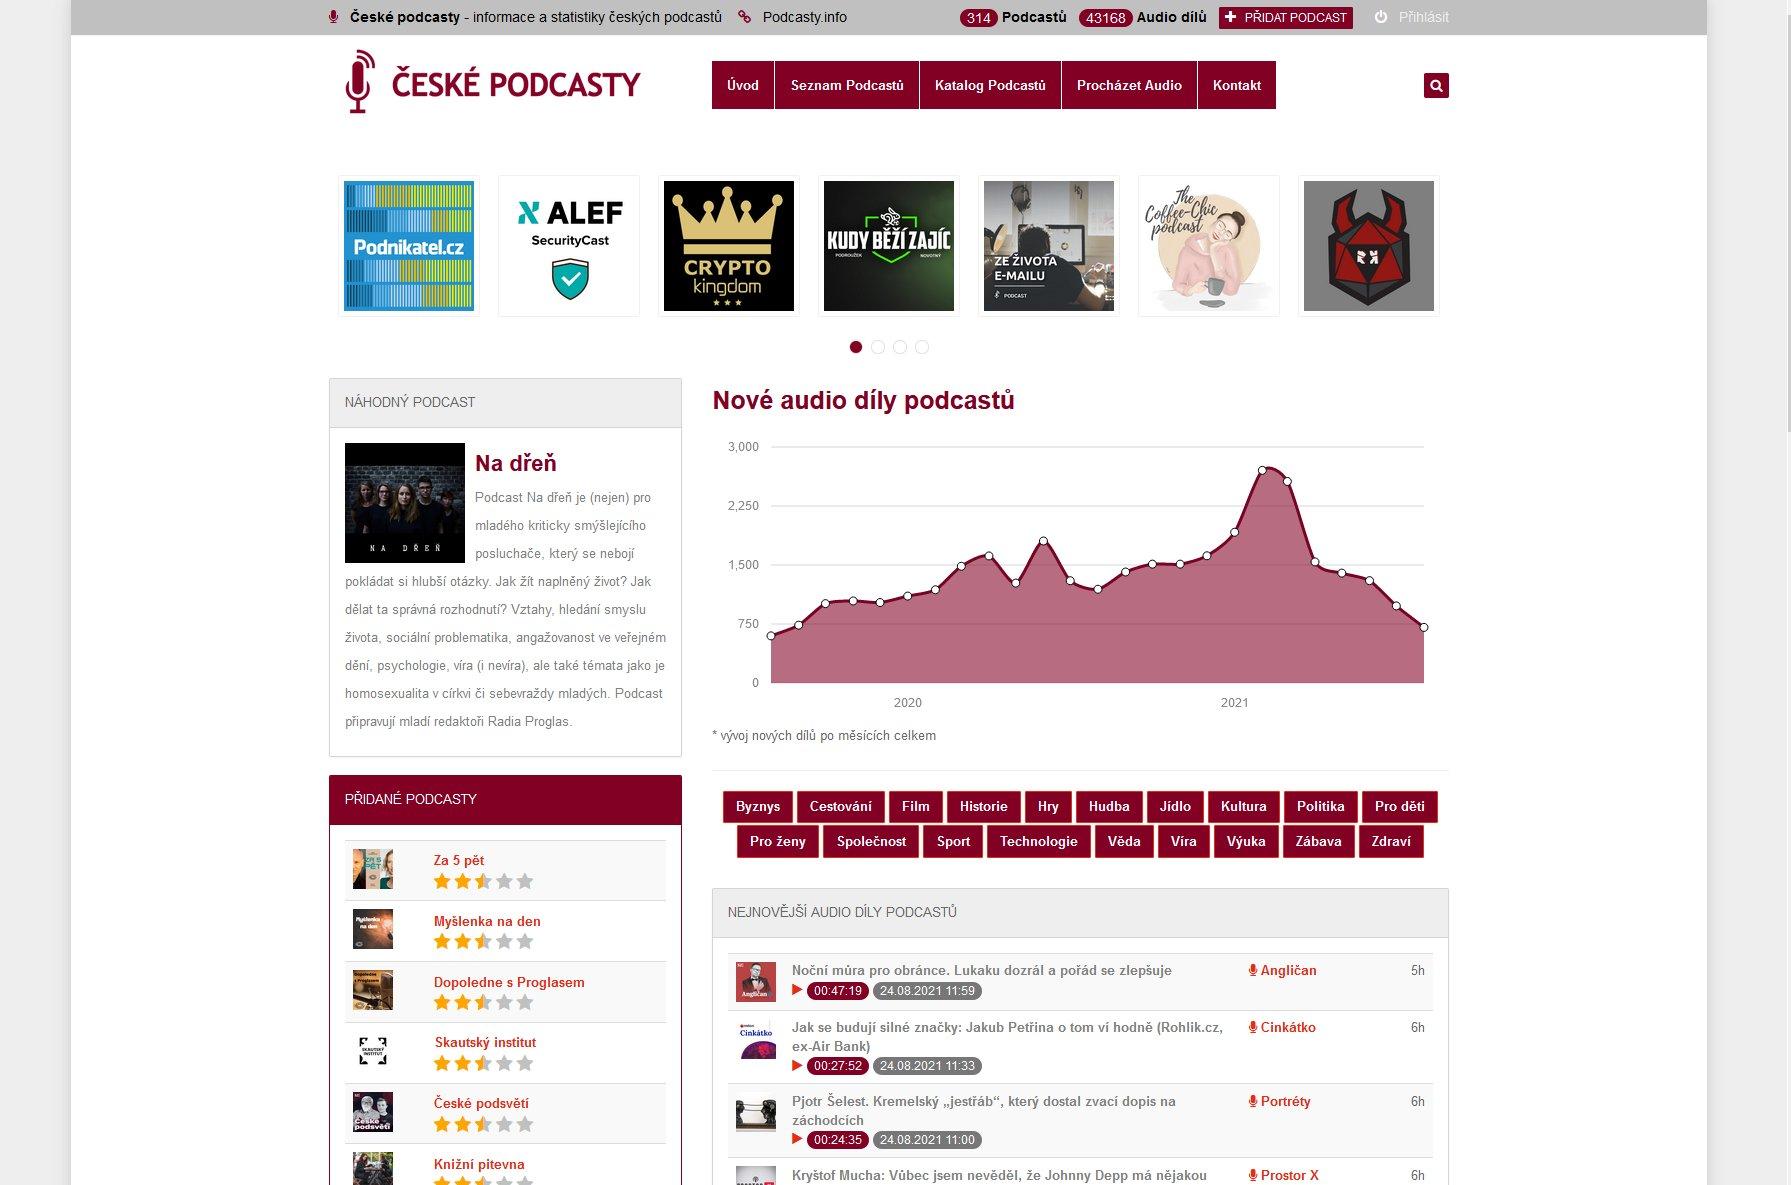 Èeské Podcasty